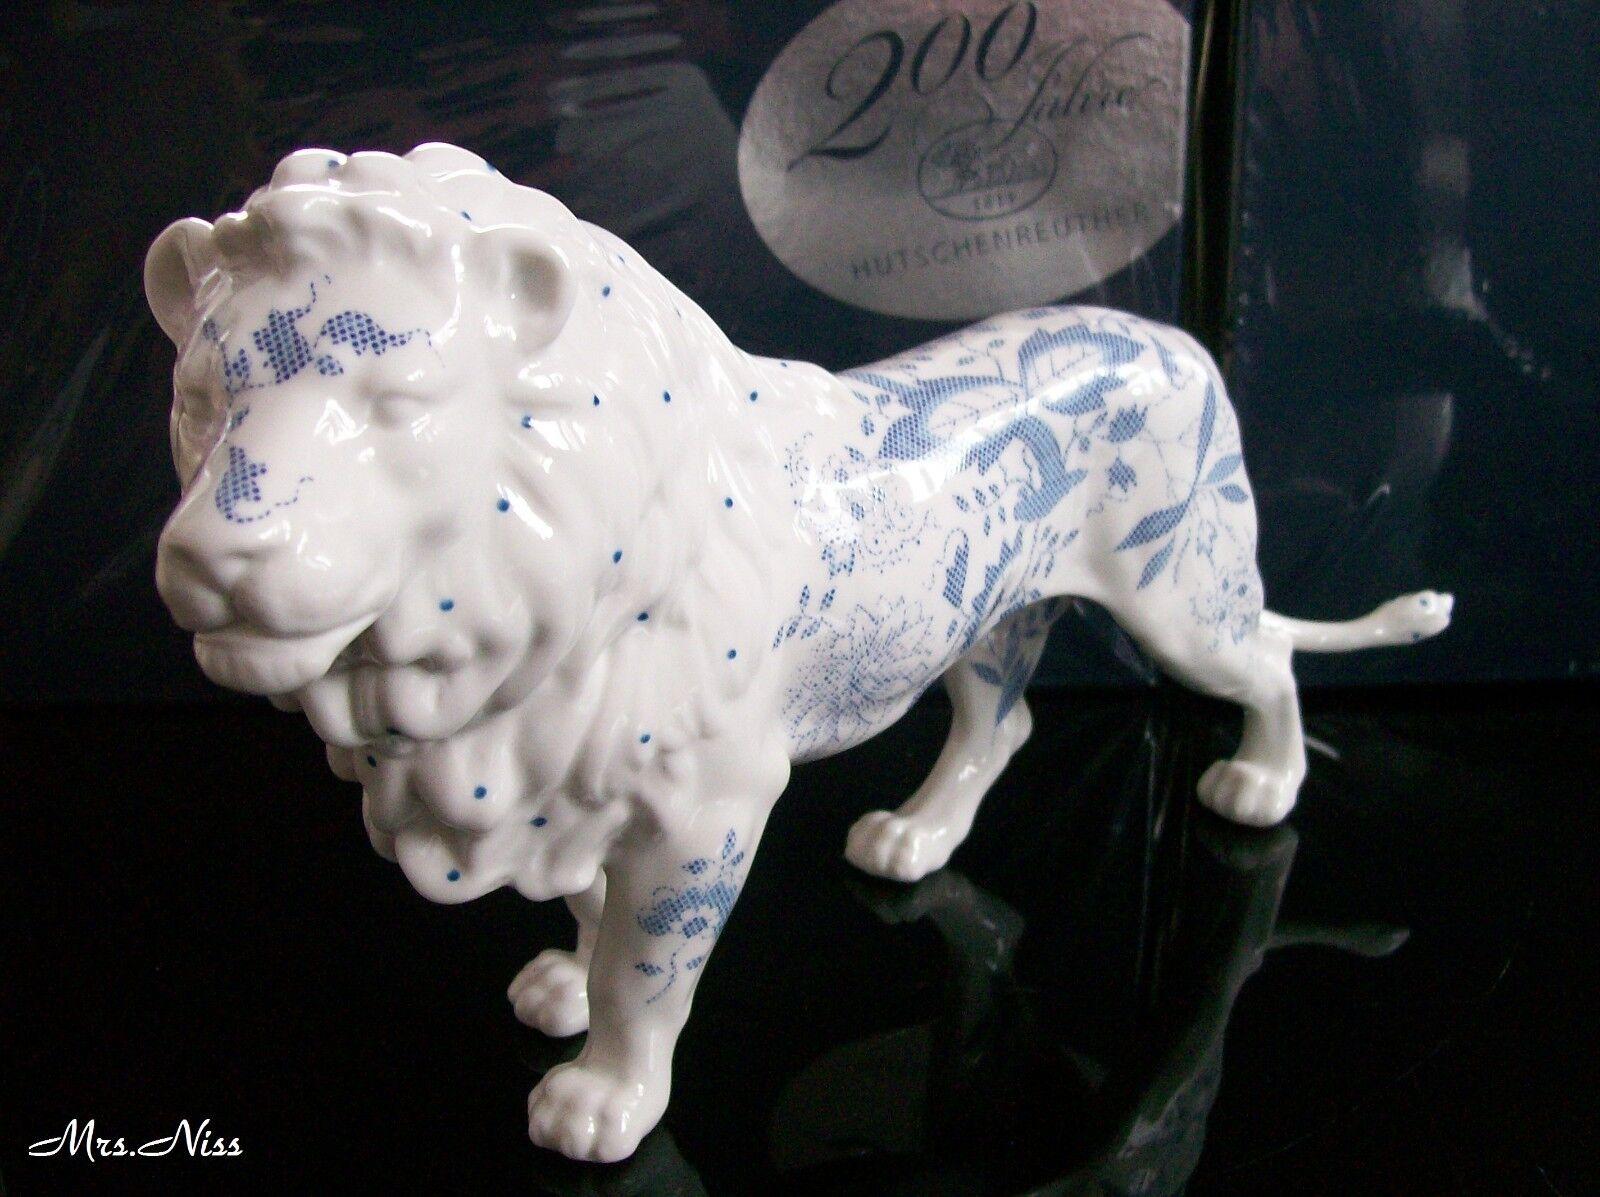 Hutschenreuther  Porzellanfigur Tierwelt Löwe Blau Drops 30 cm NEUWARE & OVP